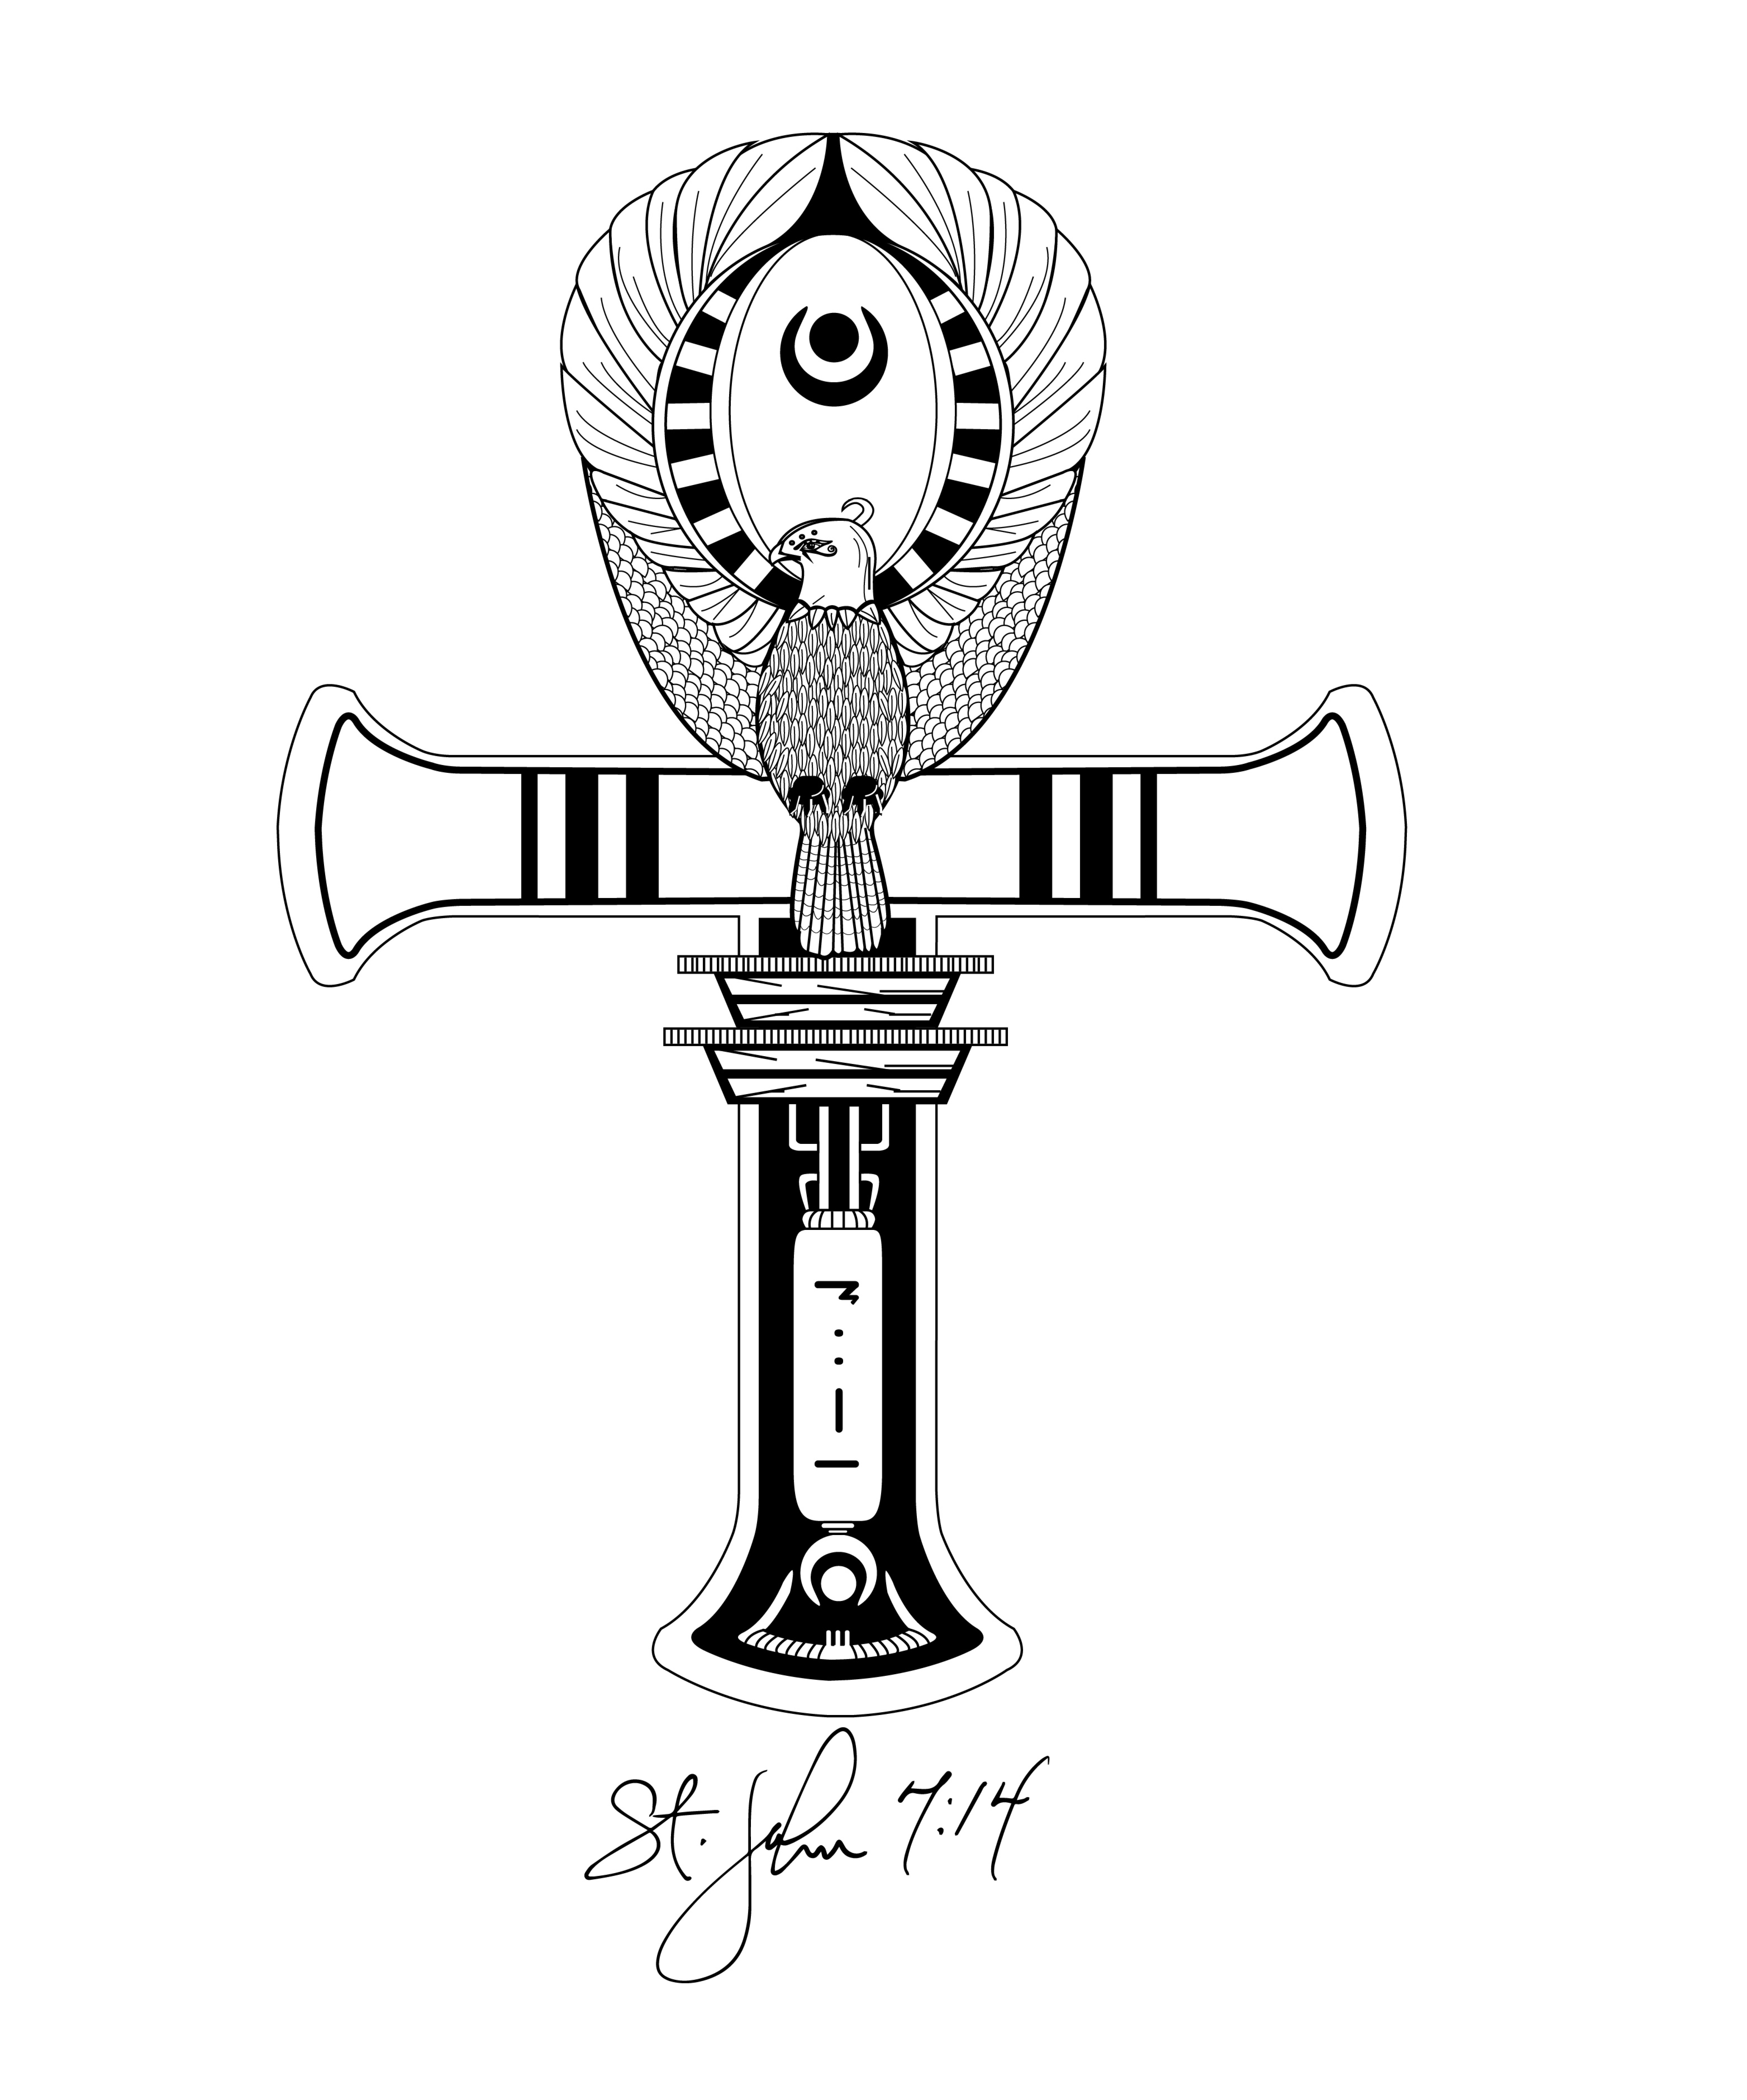 STJohn_logo_Final-1.jpg